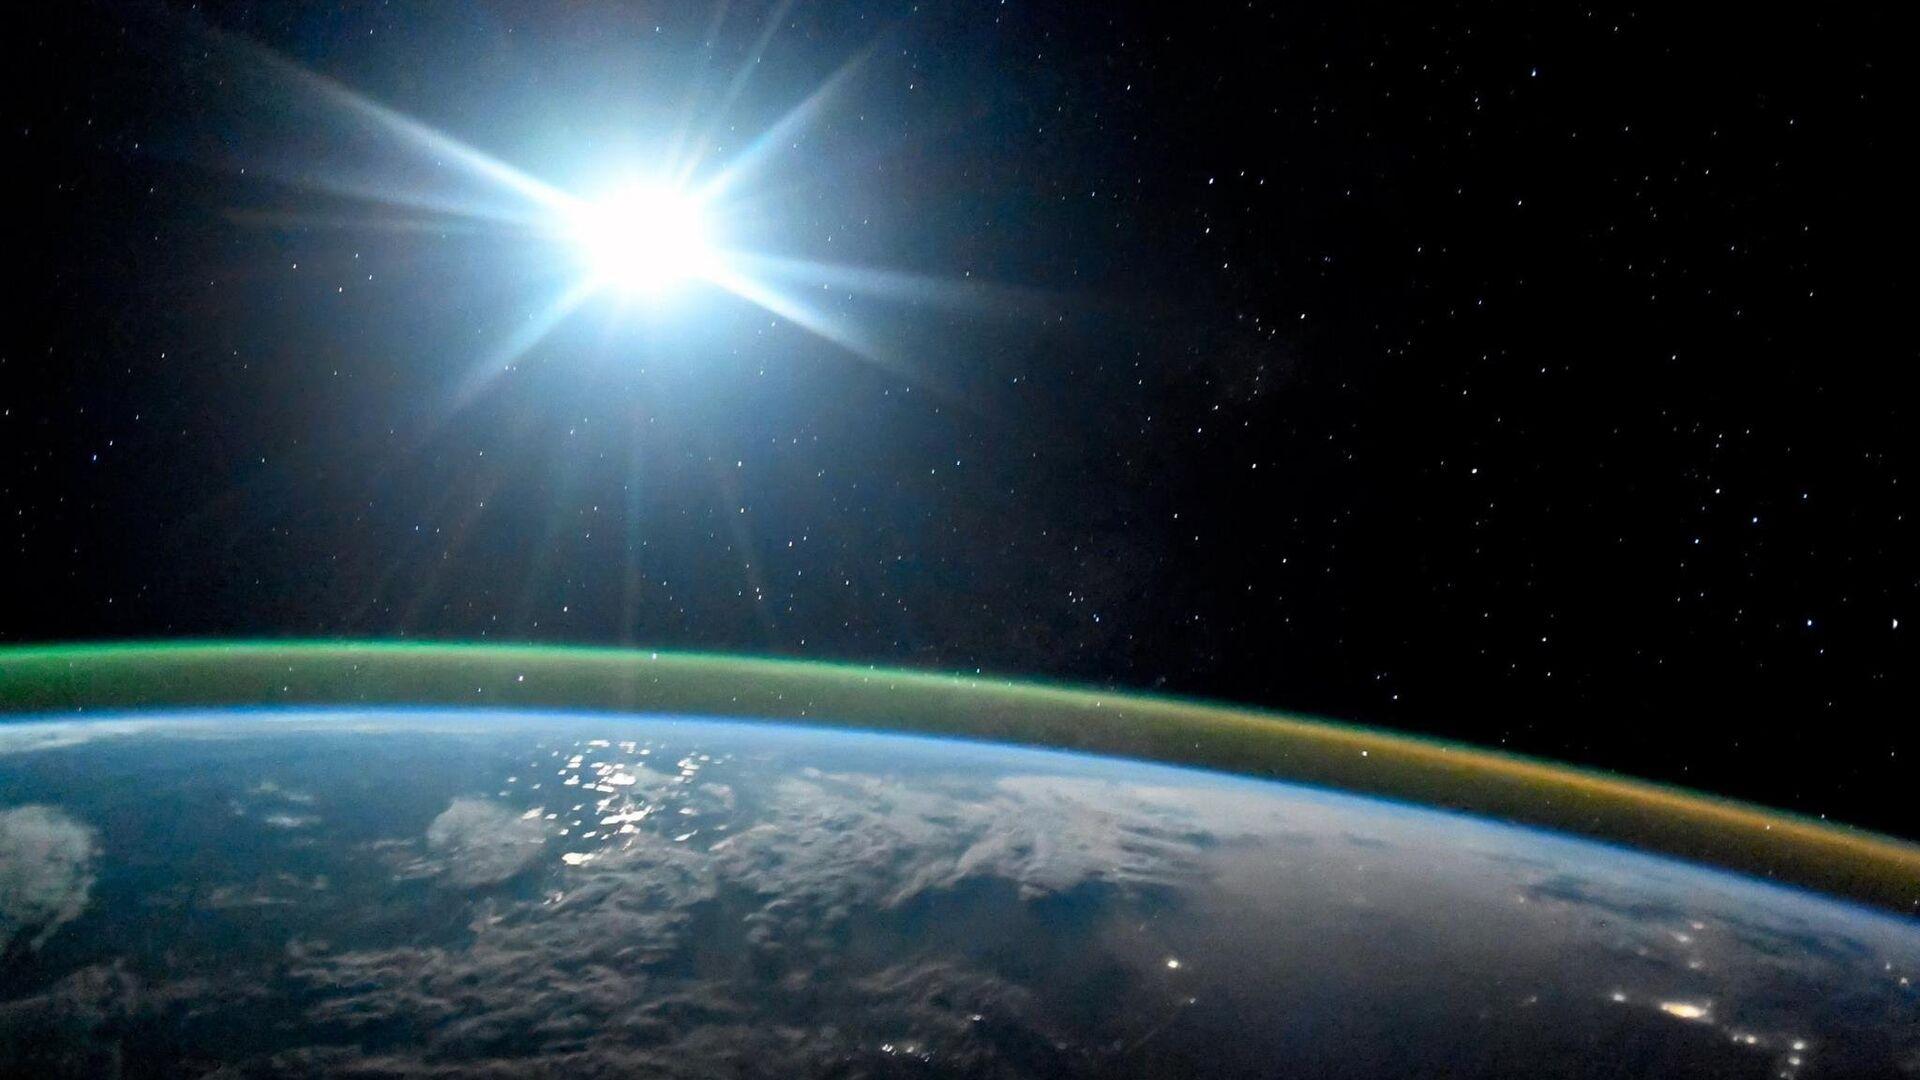 Ночная планета Земля в лунном свете и сиянии Авроры. 7 октября 2017 - РИА Новости, 1920, 09.12.2020